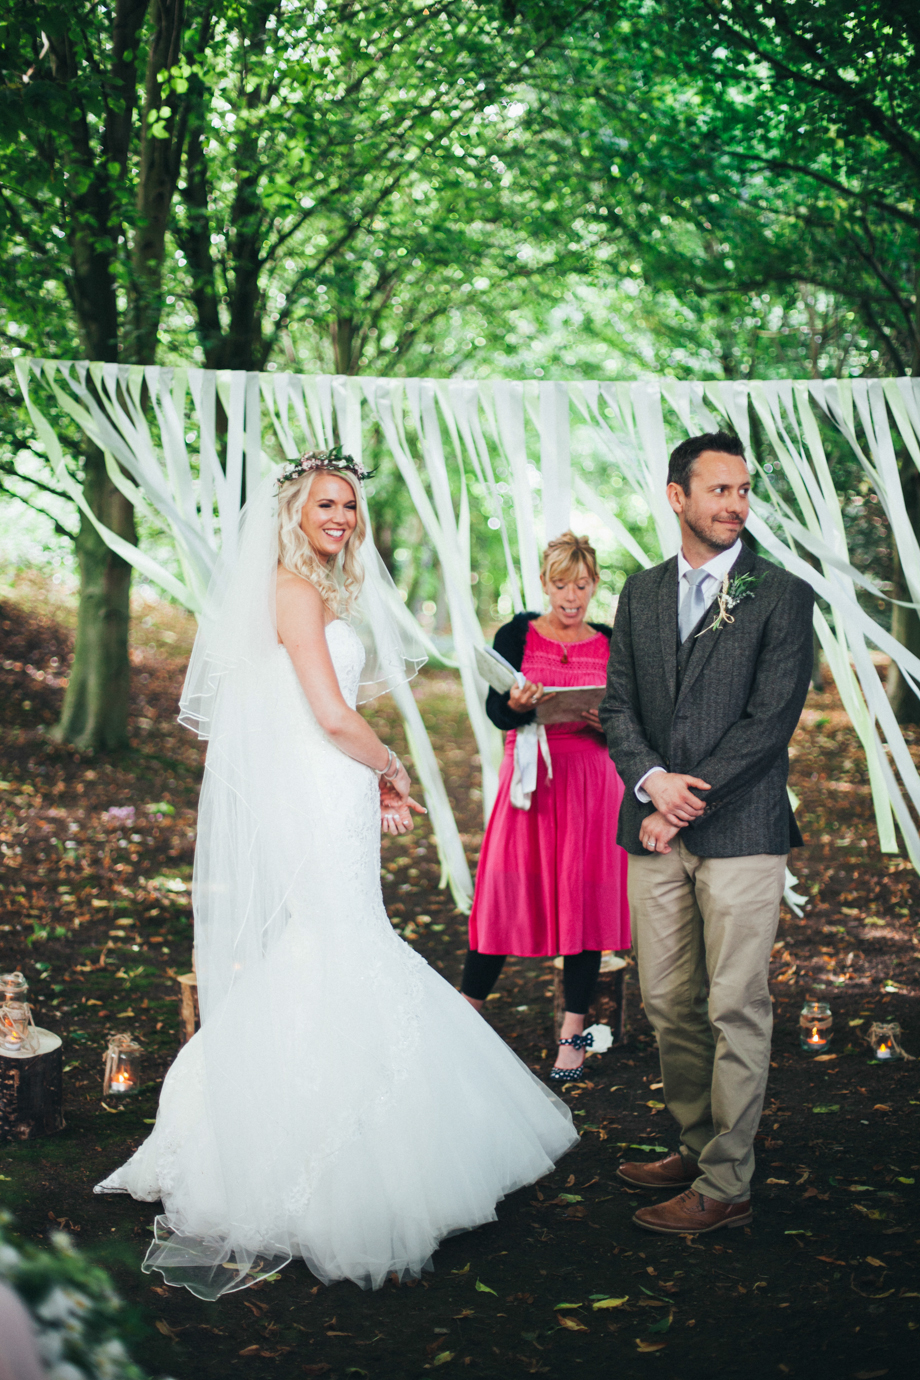 Saltmarshe-Hall-Wedding-Woodland-Blessing-17